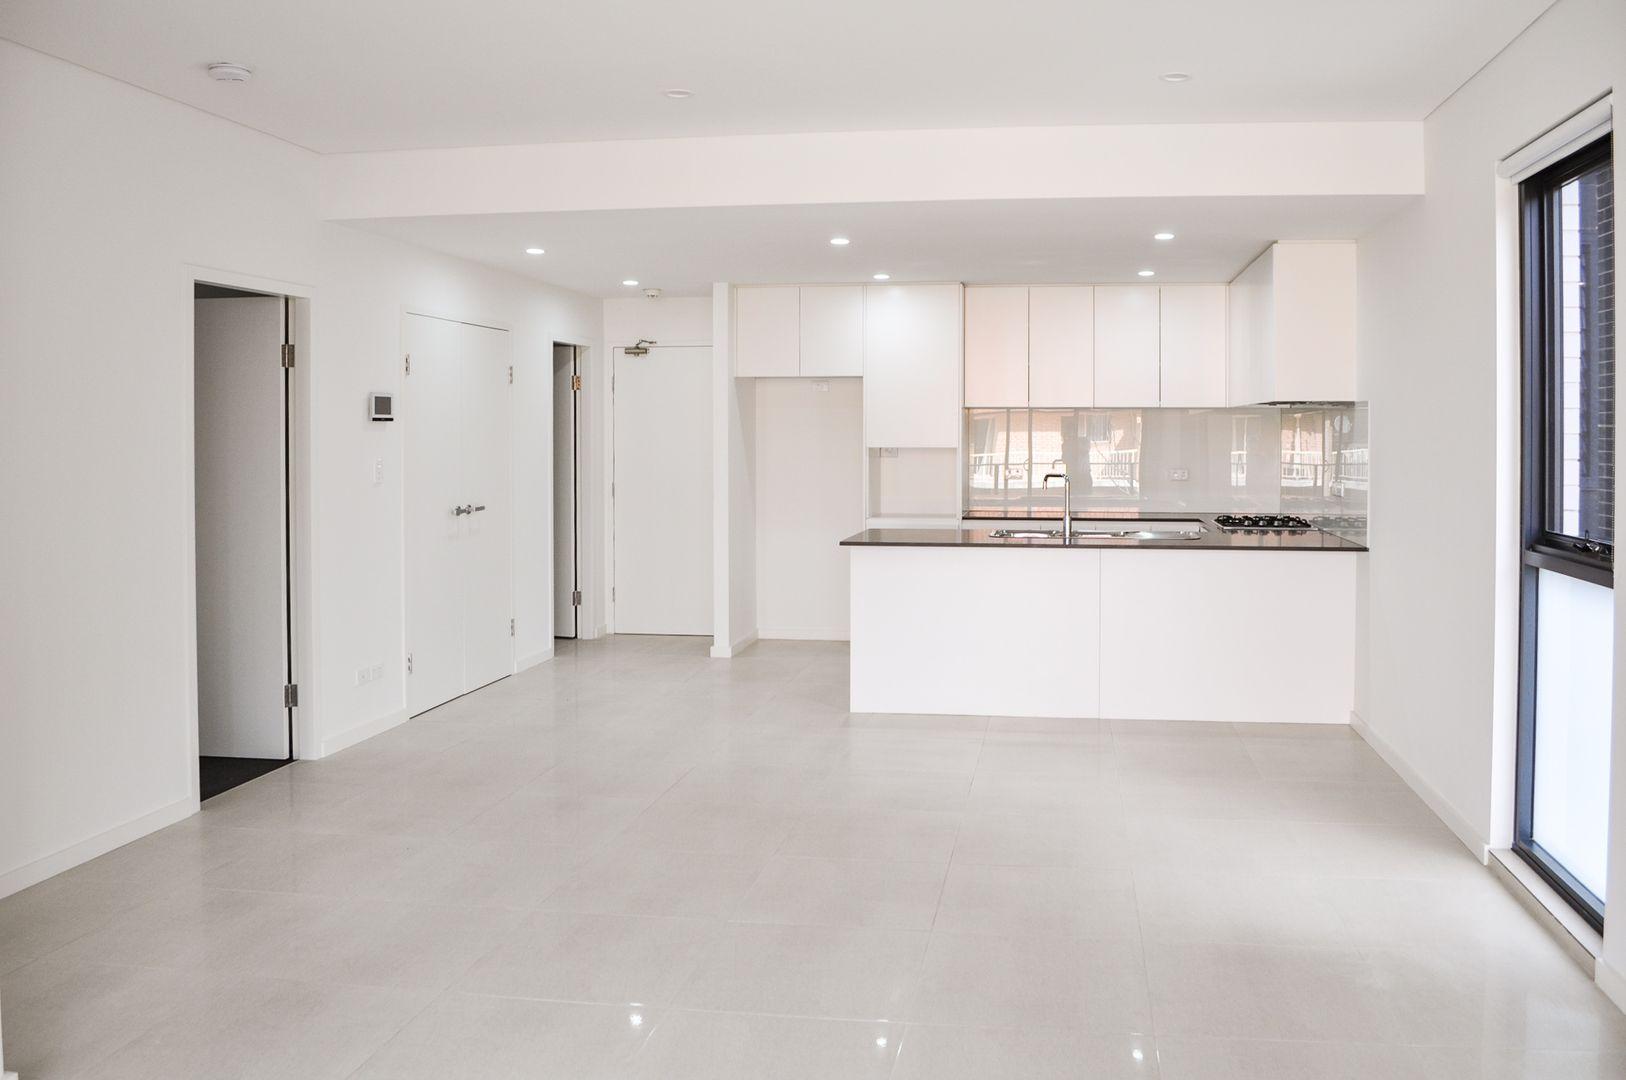 201/41 Leonard Street, Bankstown NSW 2200, Image 1